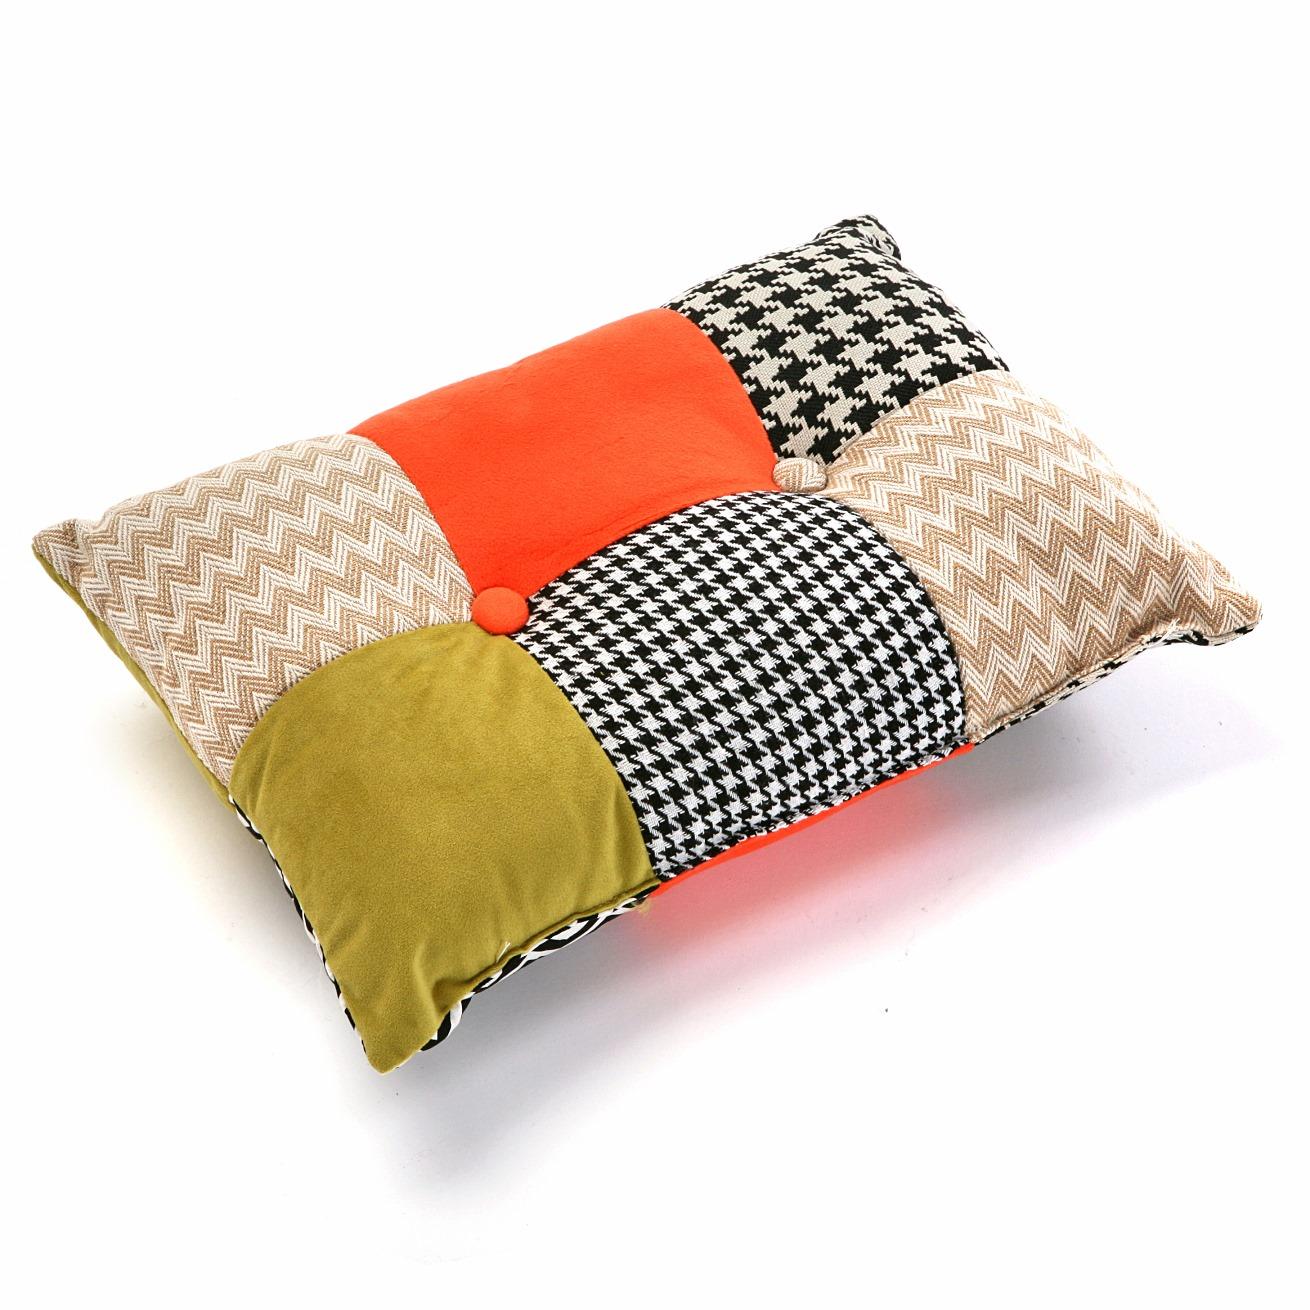 Декоративная подушкаПрямоугольные подушки<br><br><br>Material: Хлопок<br>Length см: None<br>Width см: 50<br>Depth см: 15<br>Height см: 30